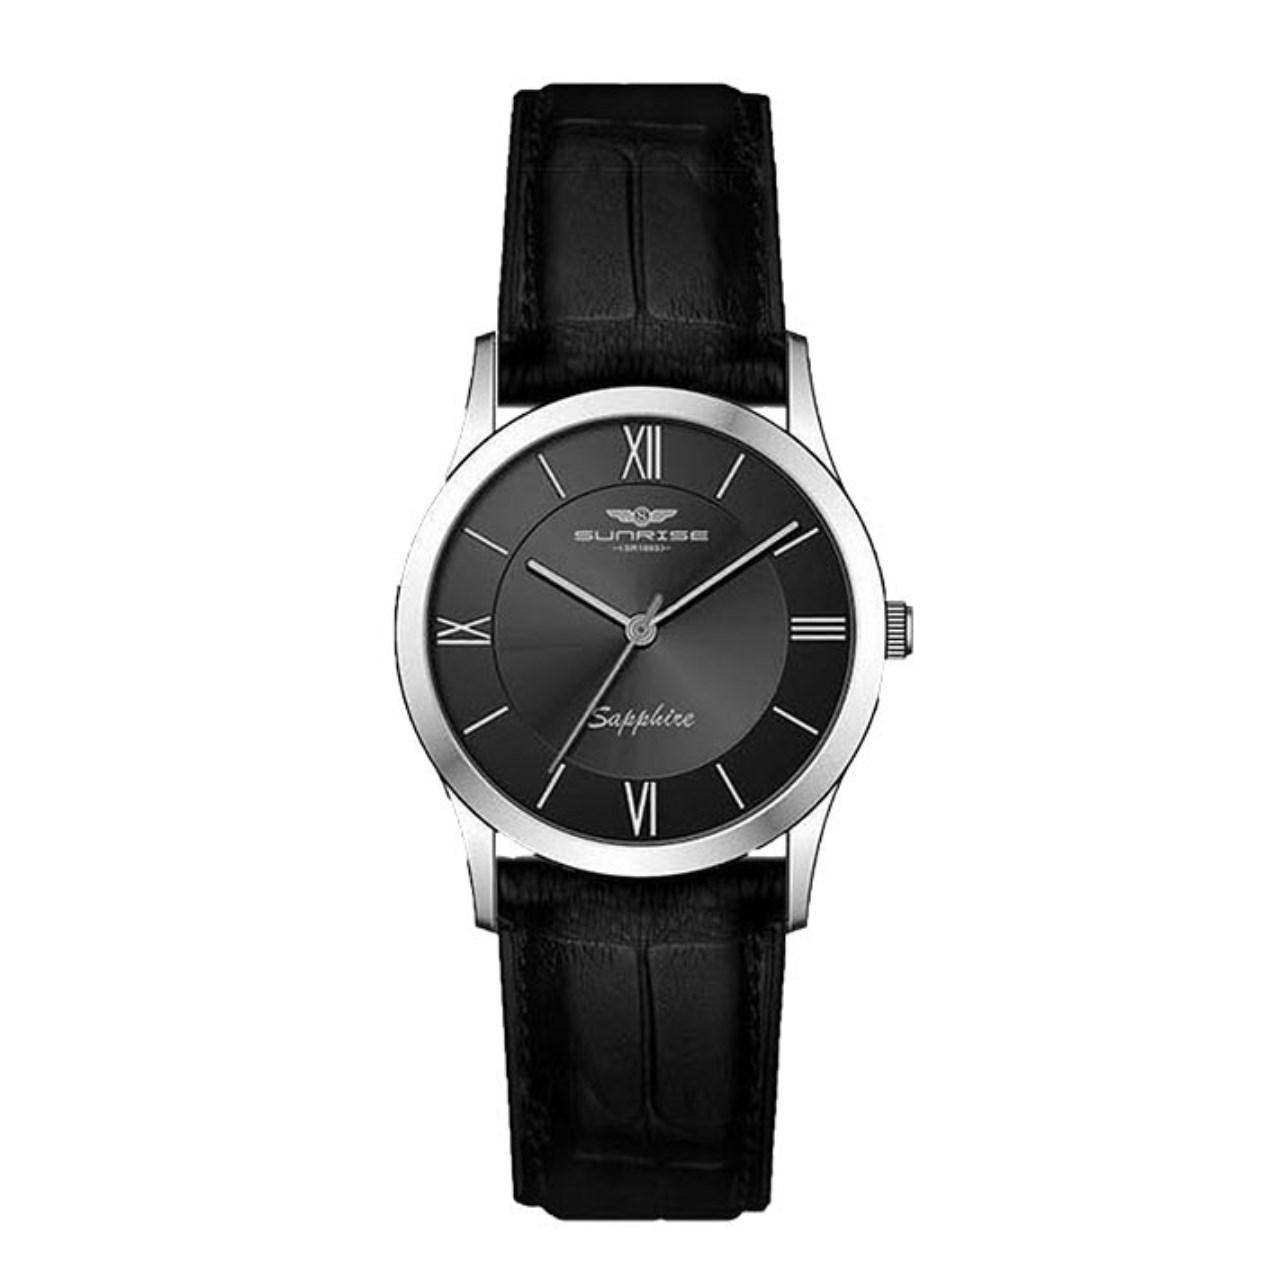 ساعت عقربه ای زنانه سانرایز  مدل SL8141.4101